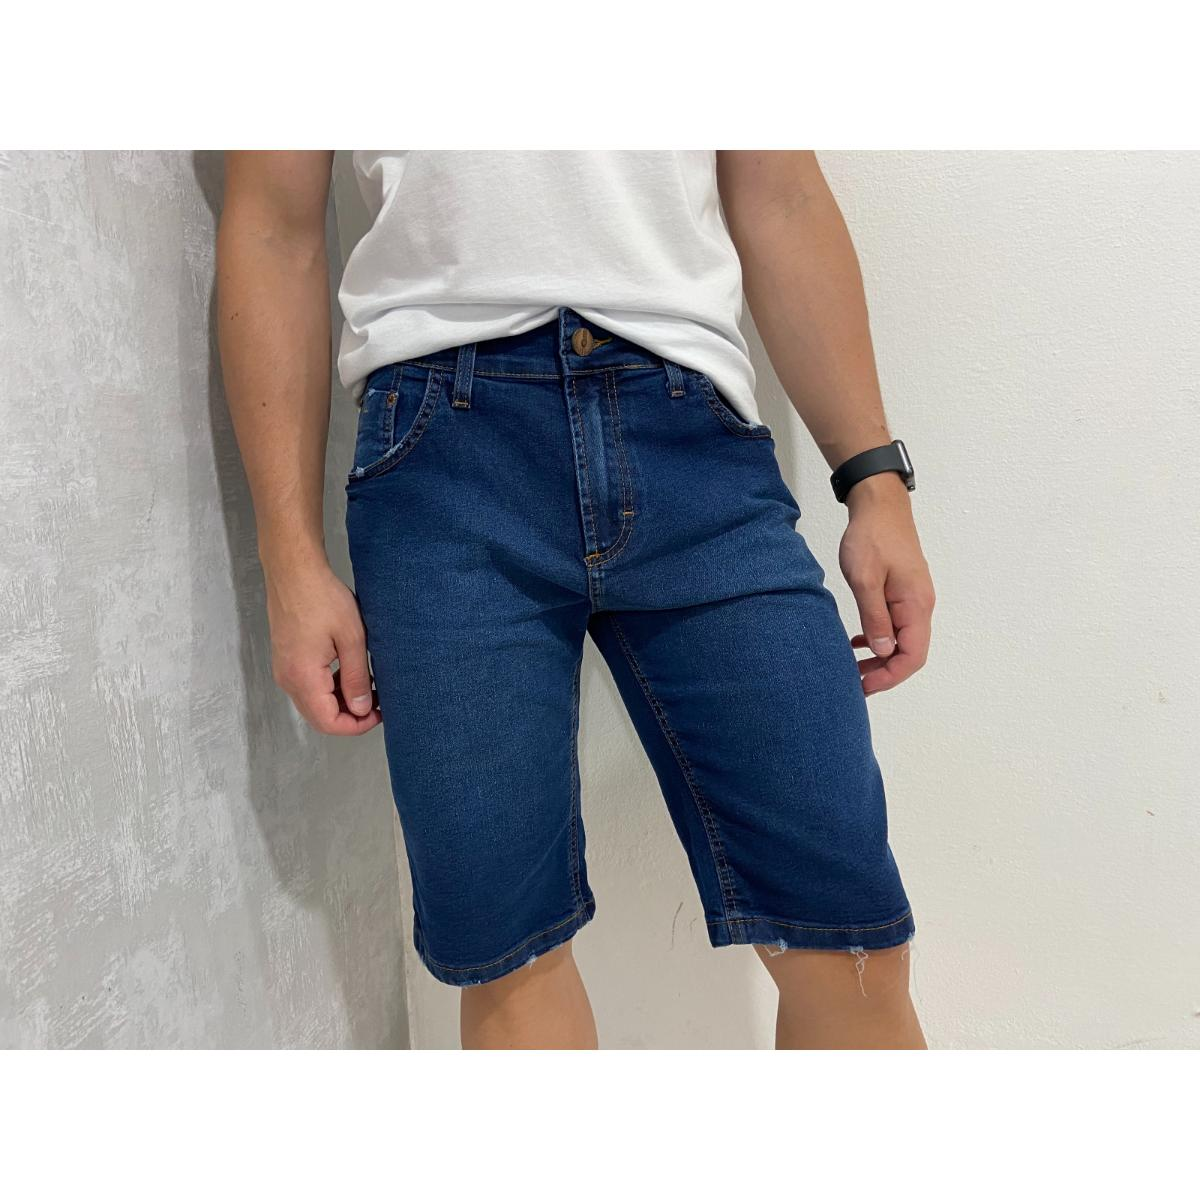 Bermuda Masculina Index 02.01.1000747 Jeans